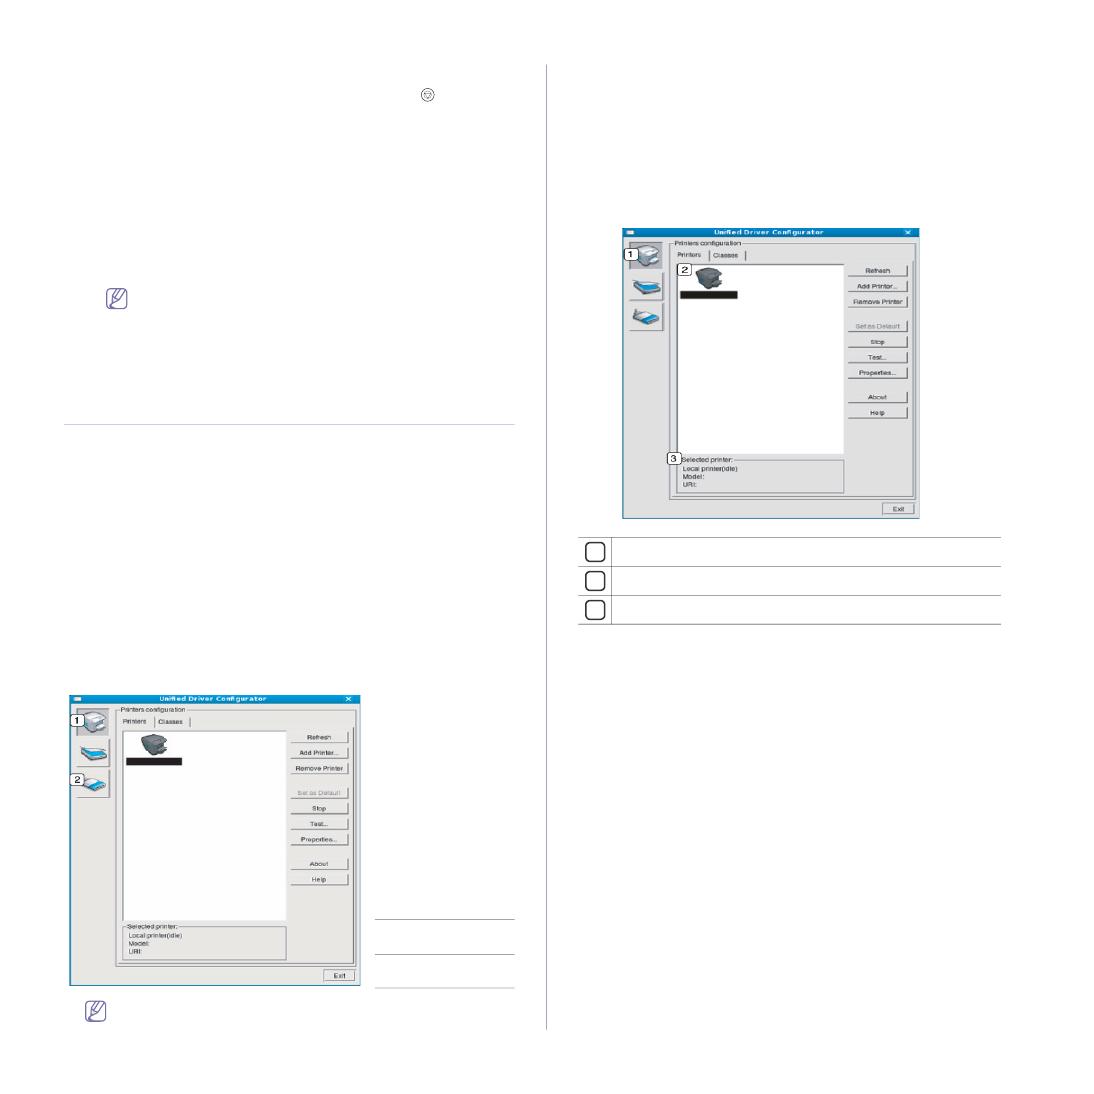 инструкция по работе с принтером xserox 3140